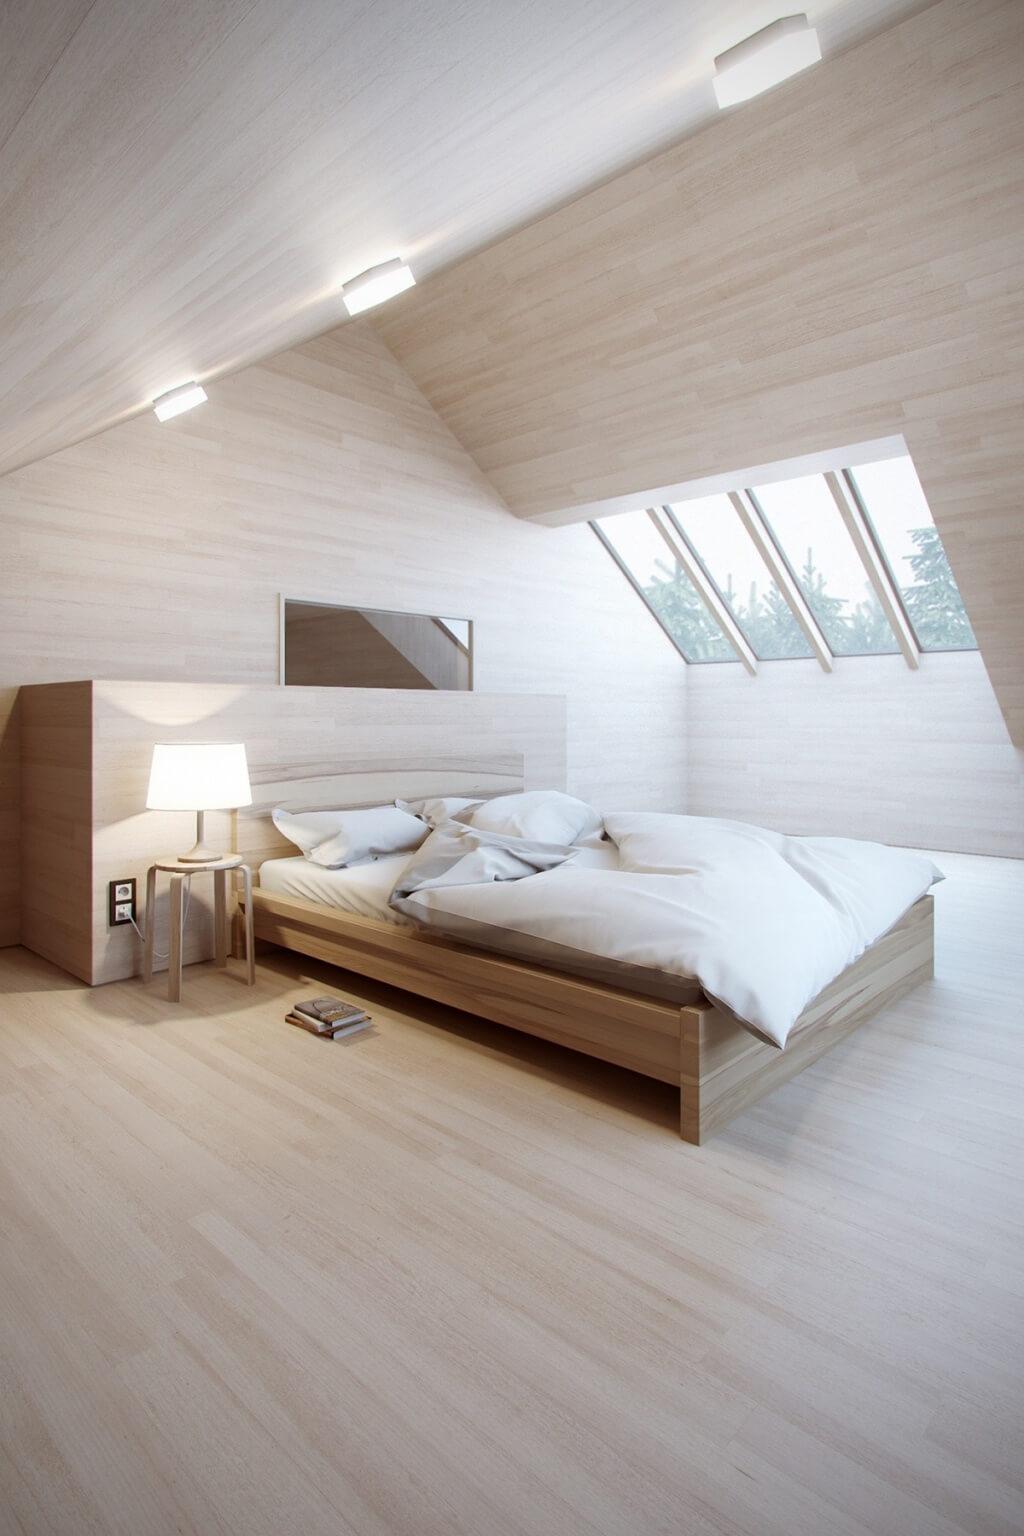 Sunny brown bedroom